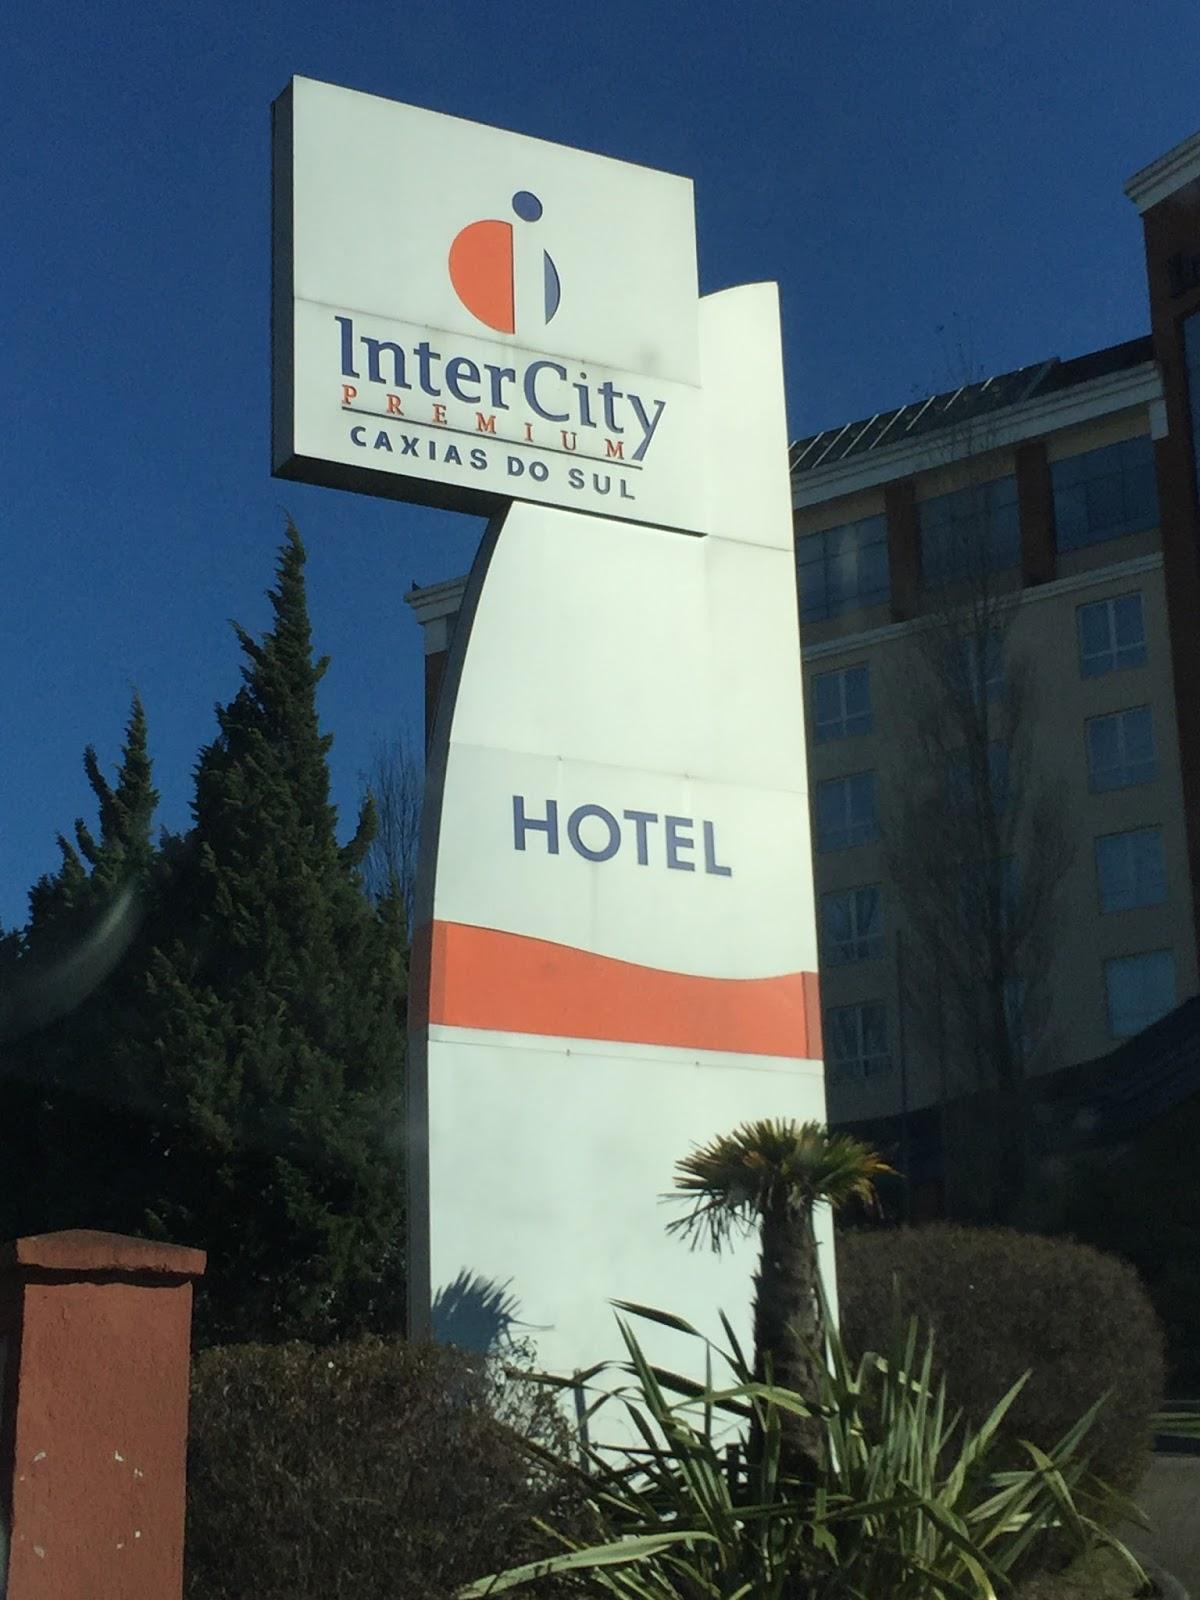 Intercity Caxias do Sul - Eleito o melhor hotel da cidade